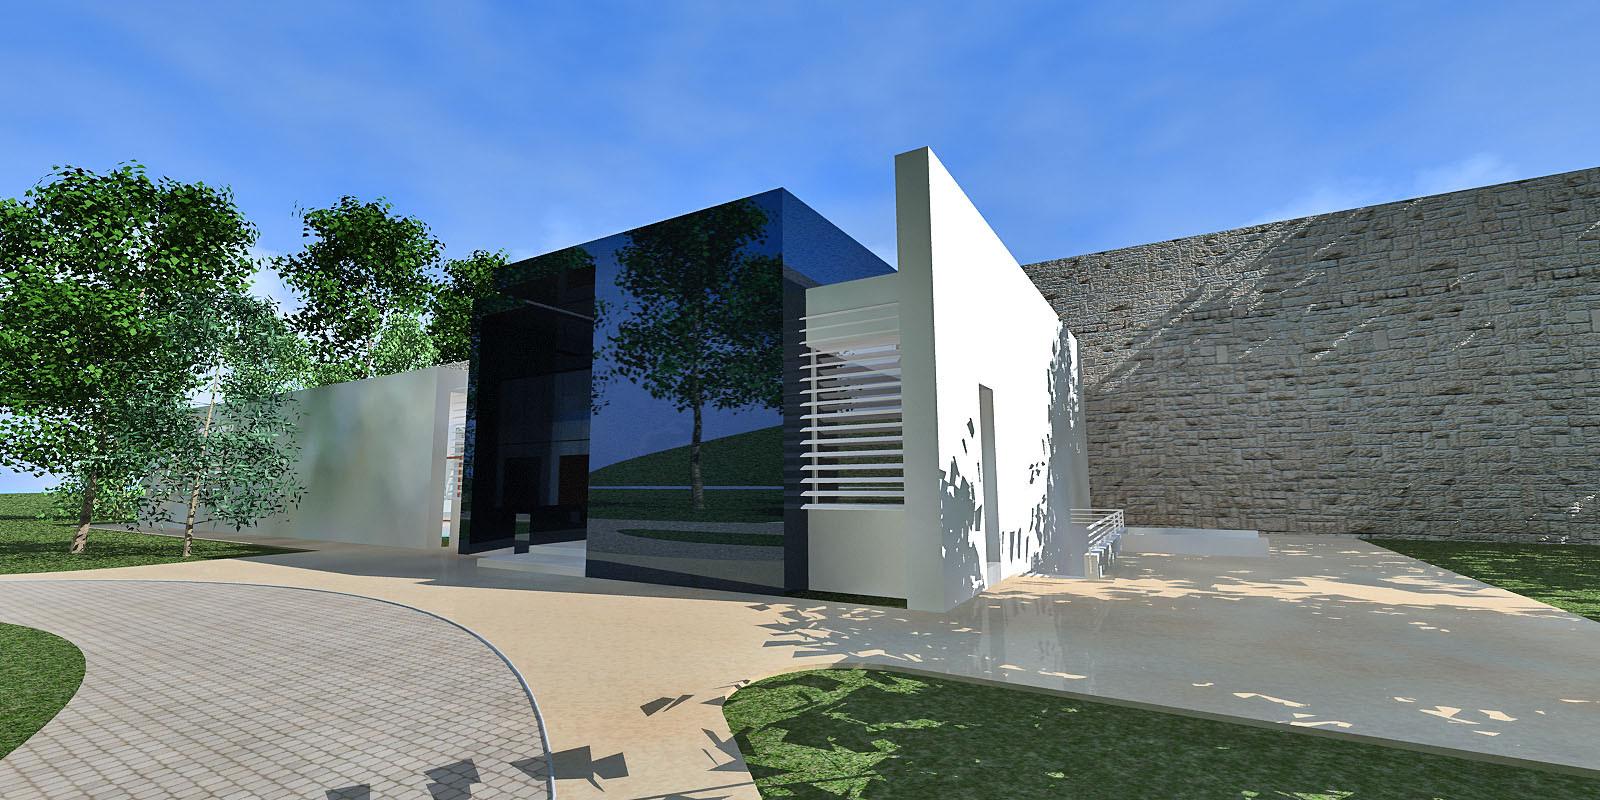 rezidencija0015v2.jpg